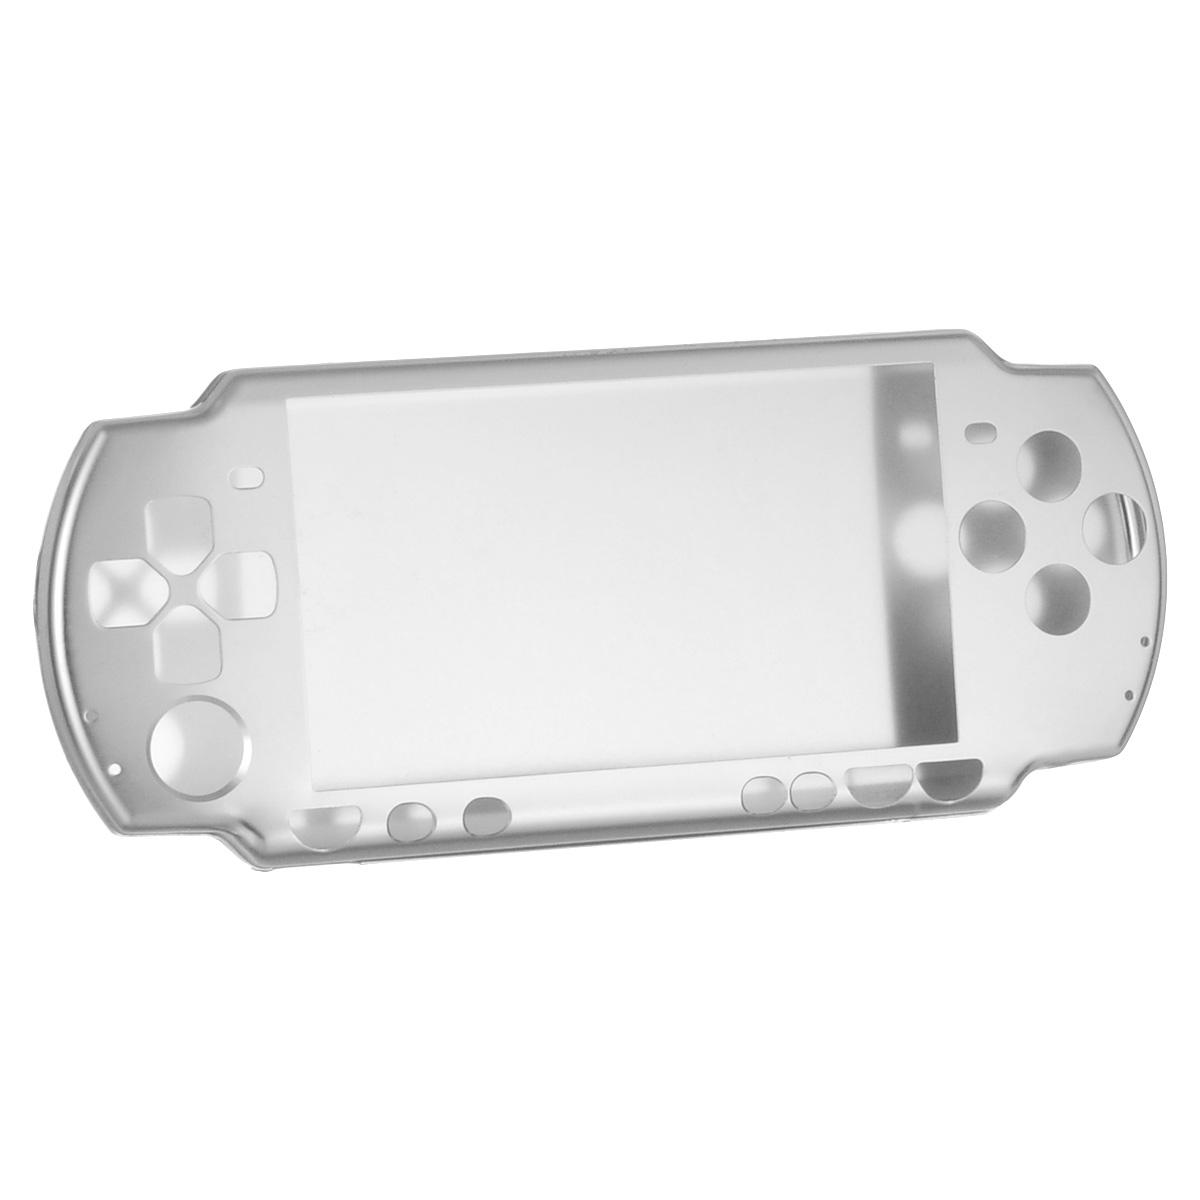 Алюминиевый защитный корпус Game Guru для Sony PSP 2000/3000 (серебряный) многофункциональная cумка для приставки psp psp 2000 и аксессуаров черная